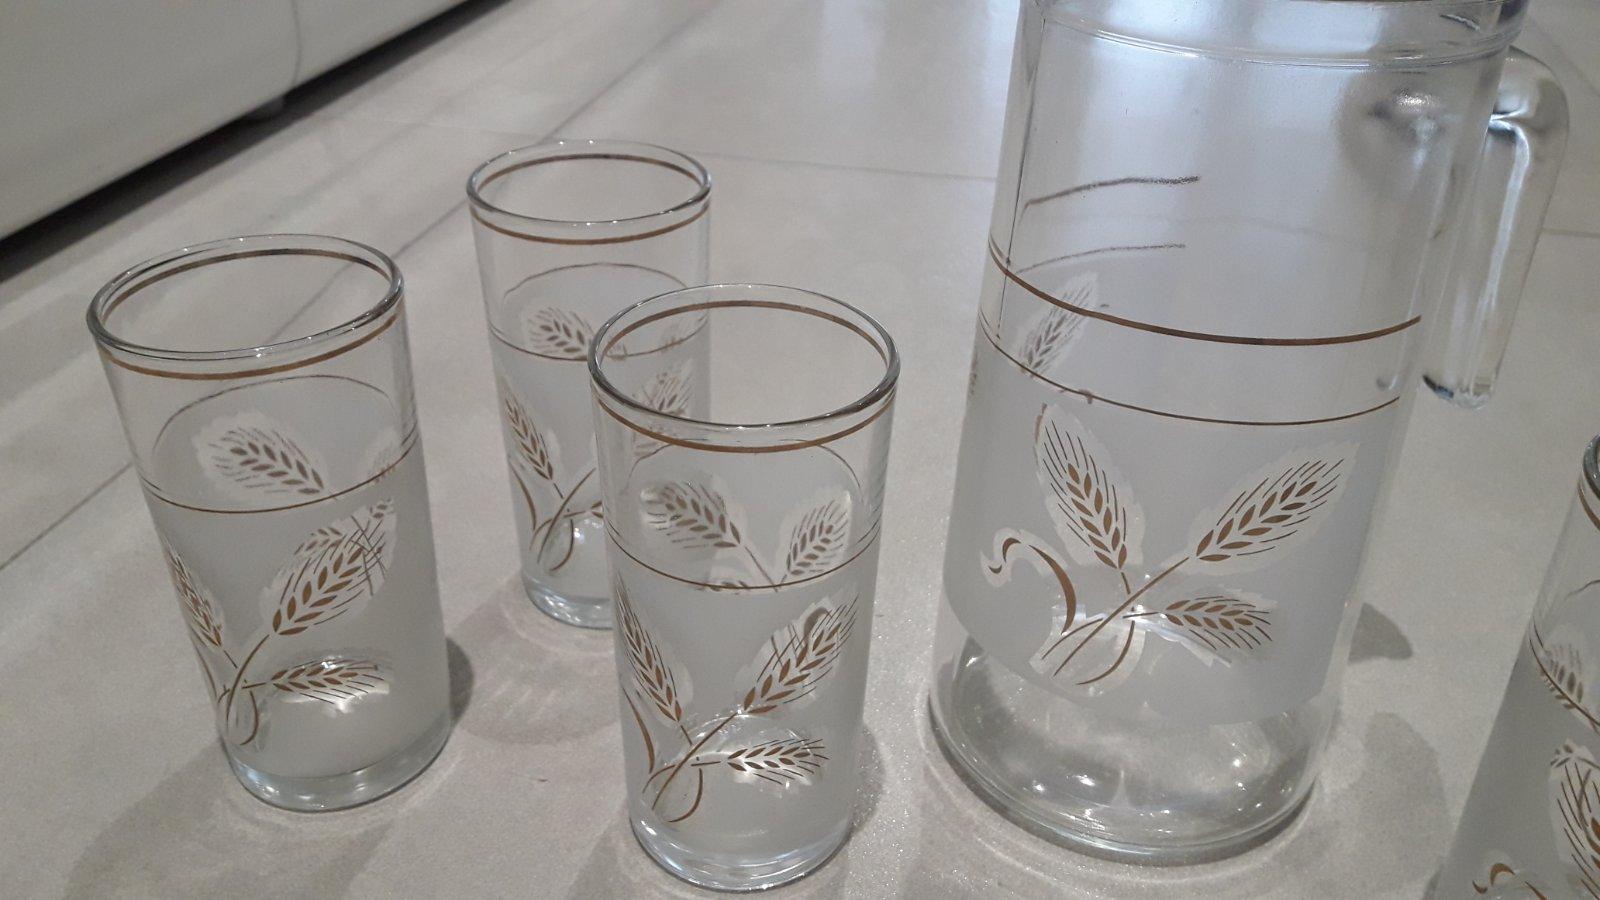 Sklenený pozlatený ďžbán a poháre na víno - Obrázok č. 2